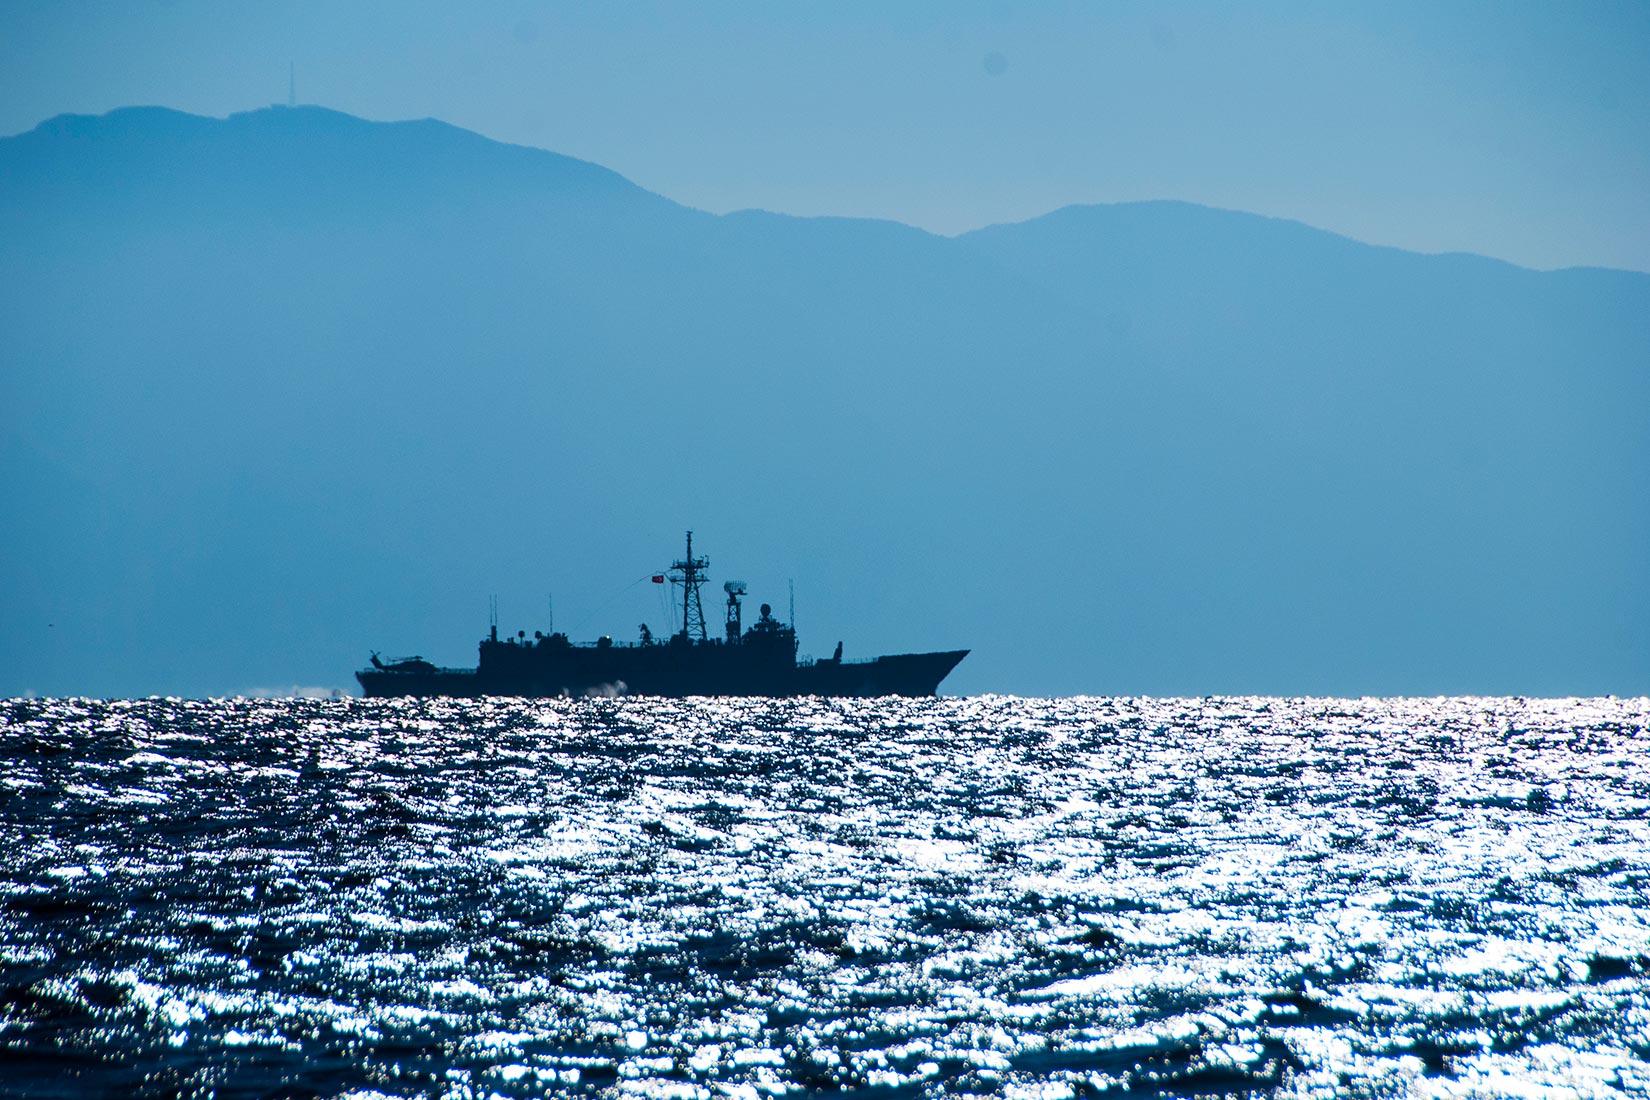 中国海警と人民武装警察-海警法への違和感と懸念